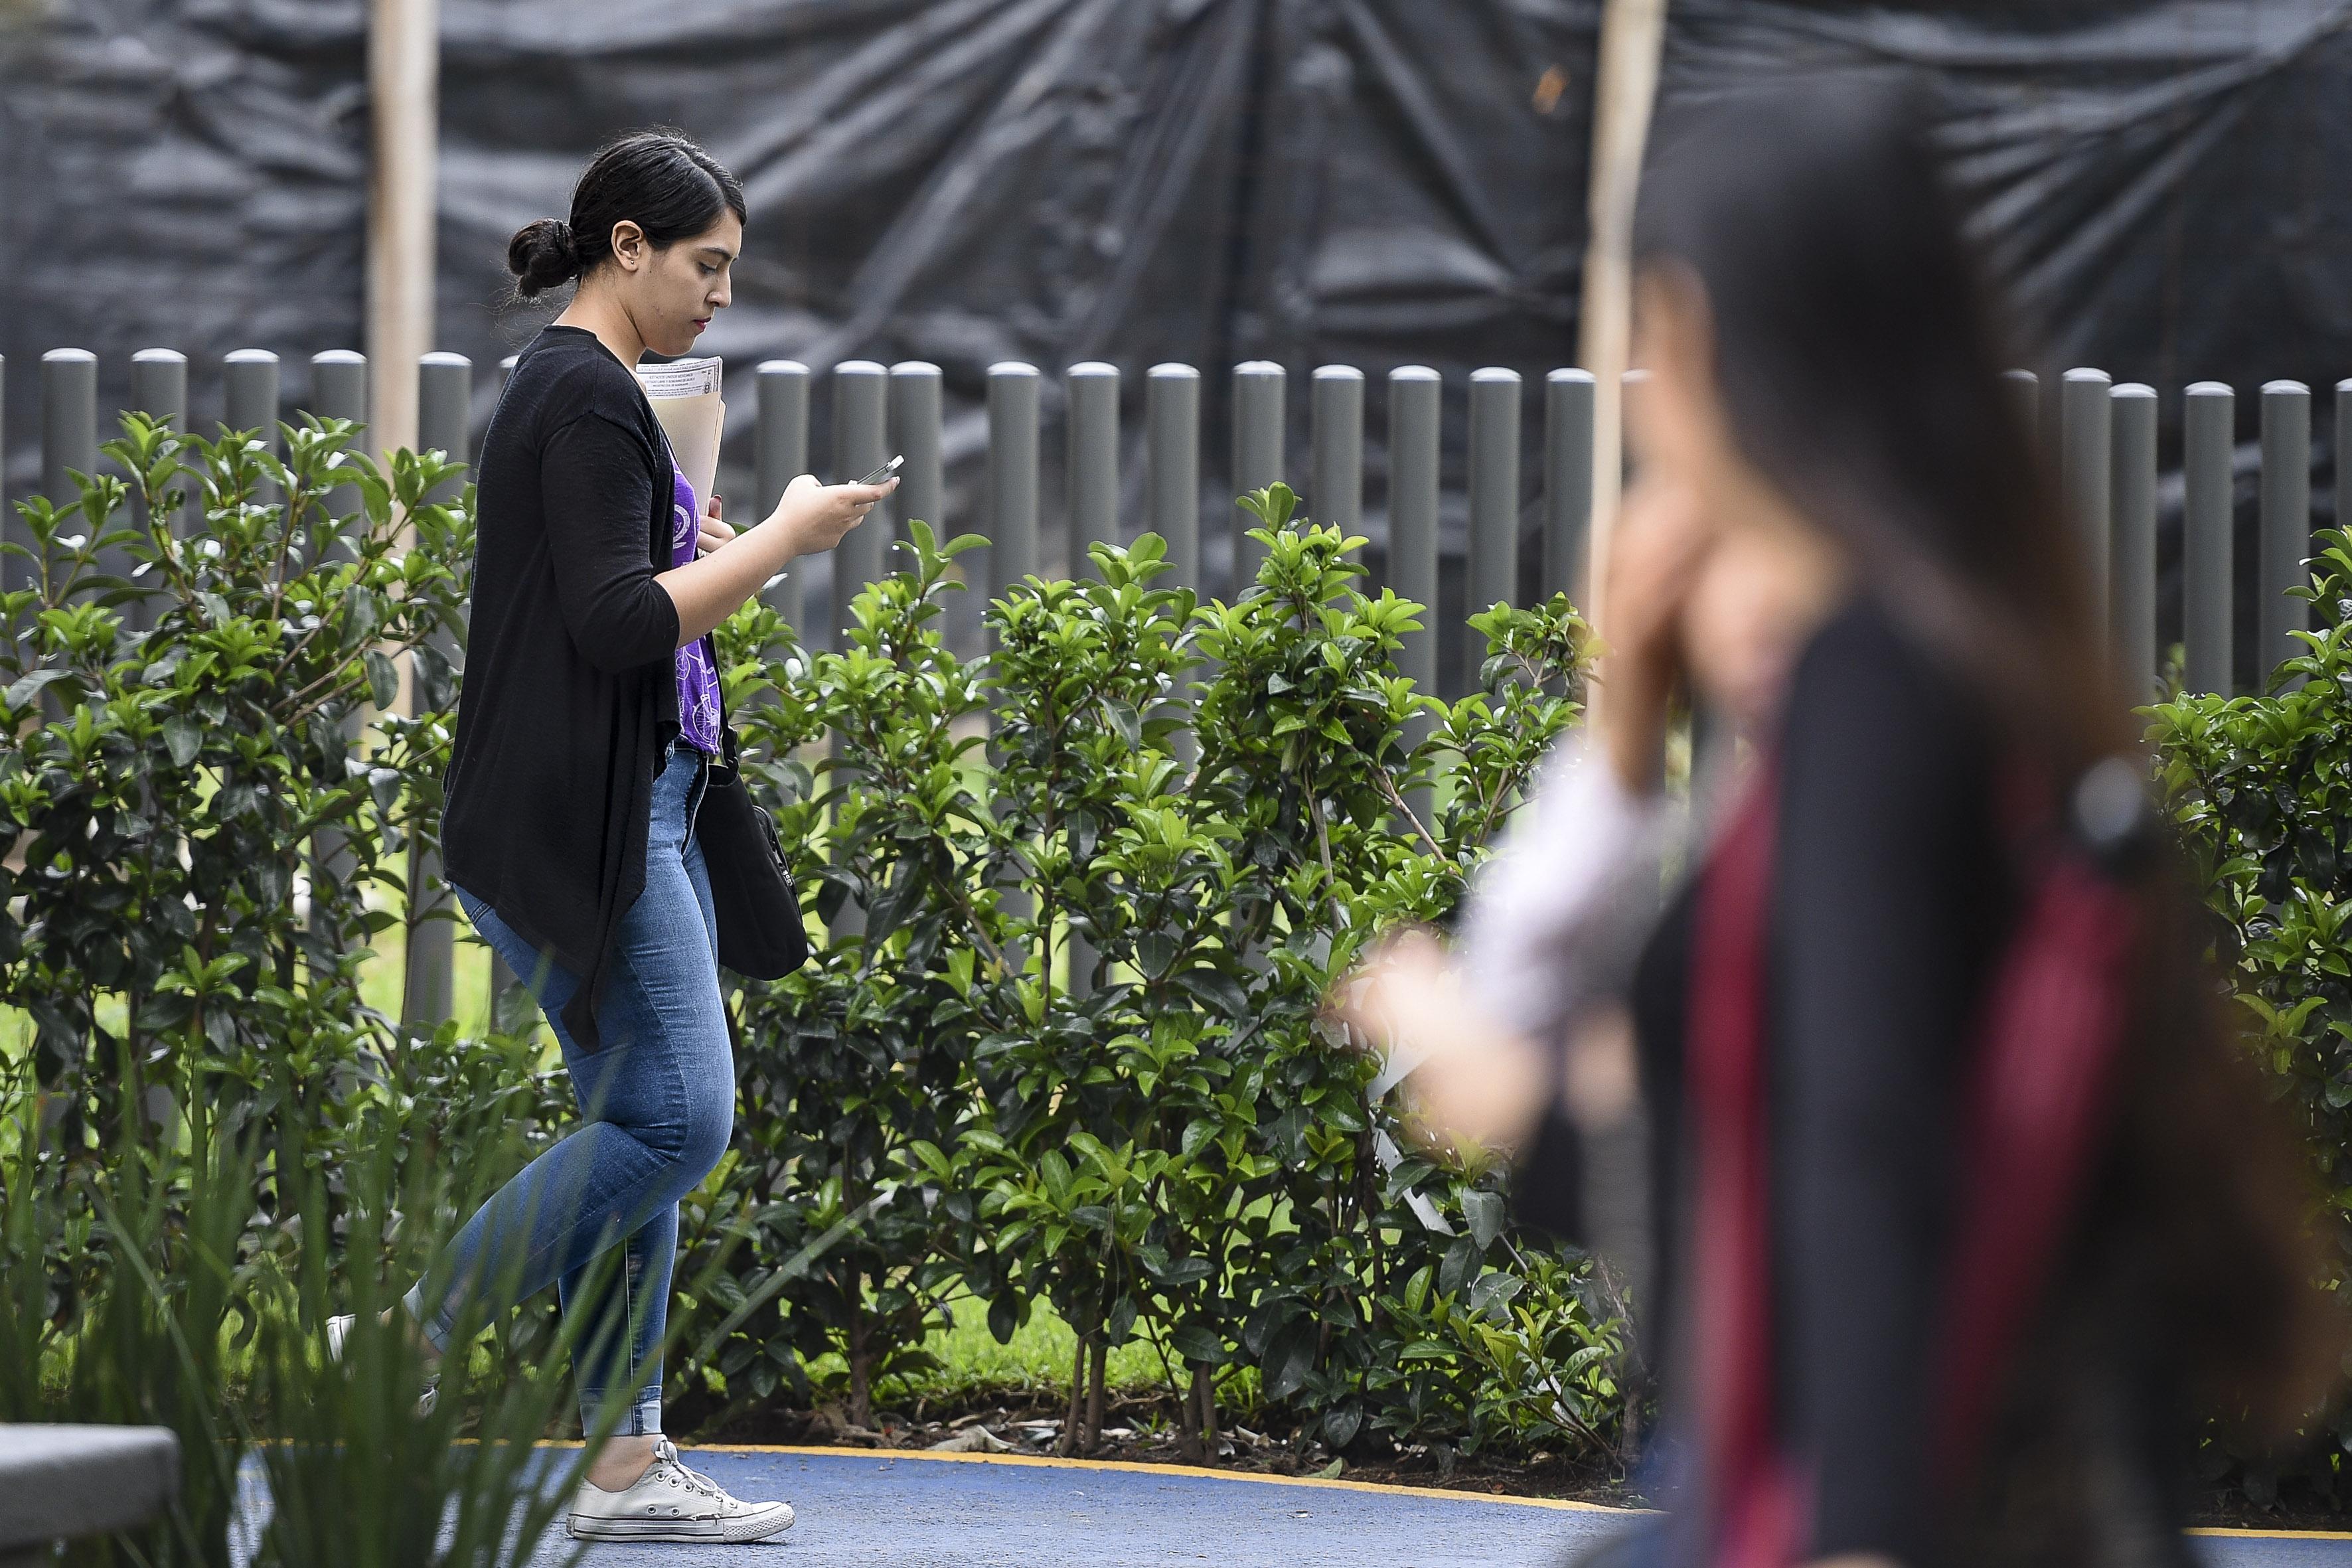 Alumna del CUCS va caminando y a su vez texteando en su celular